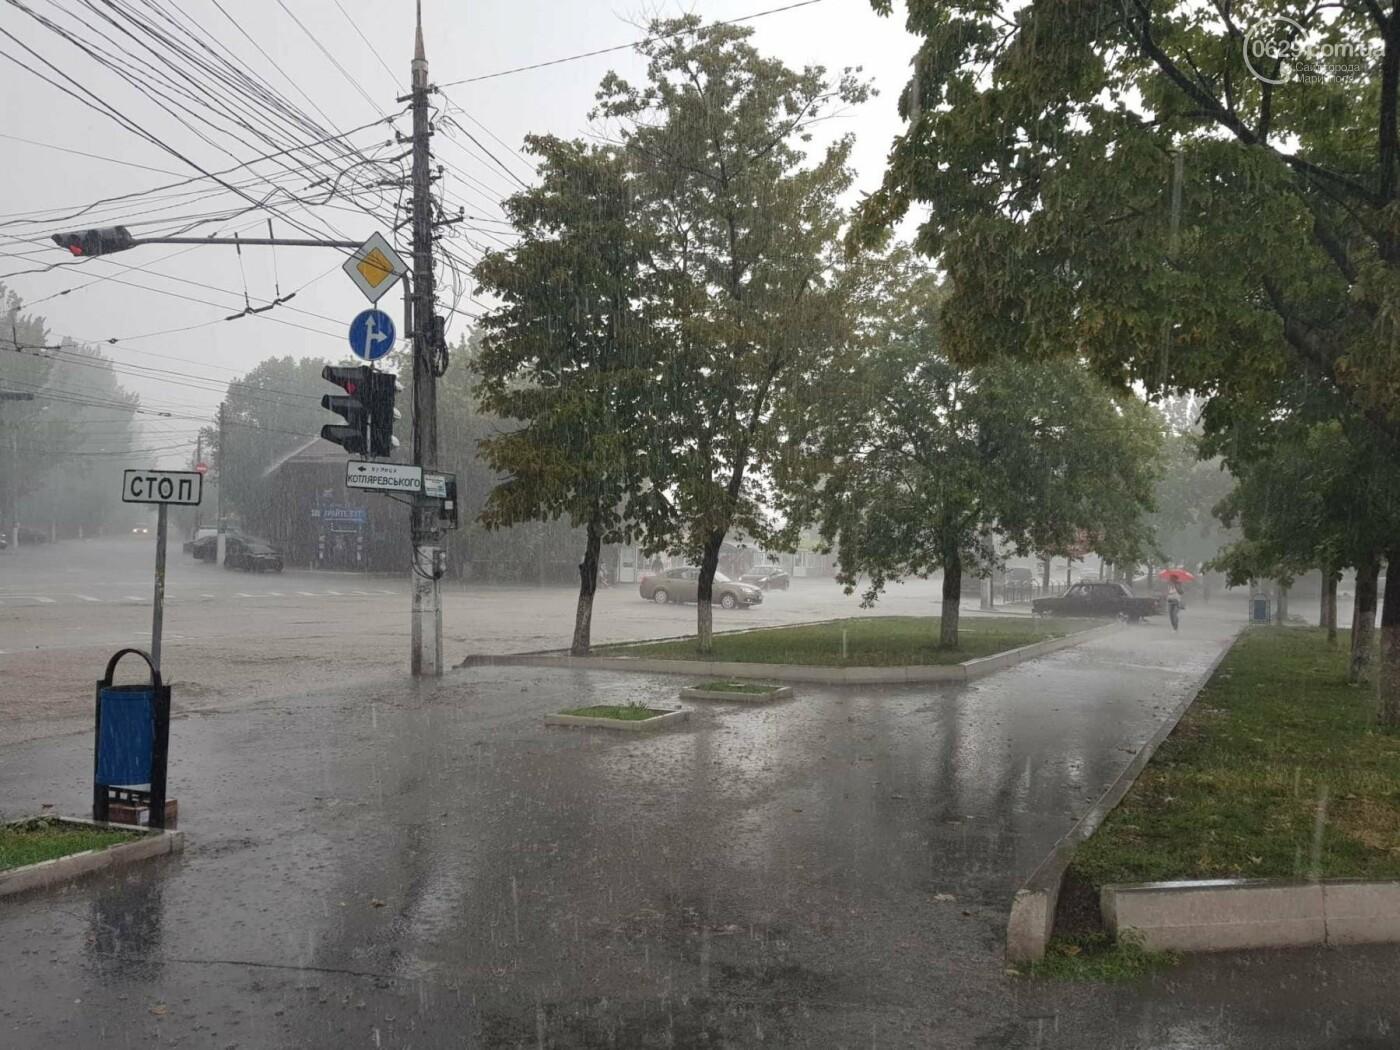 Мариупольцы оказались не подготовлены к ливню,  а площадь Кирова традиционно затопило, - ФОТО, ВИДЕО, фото-6